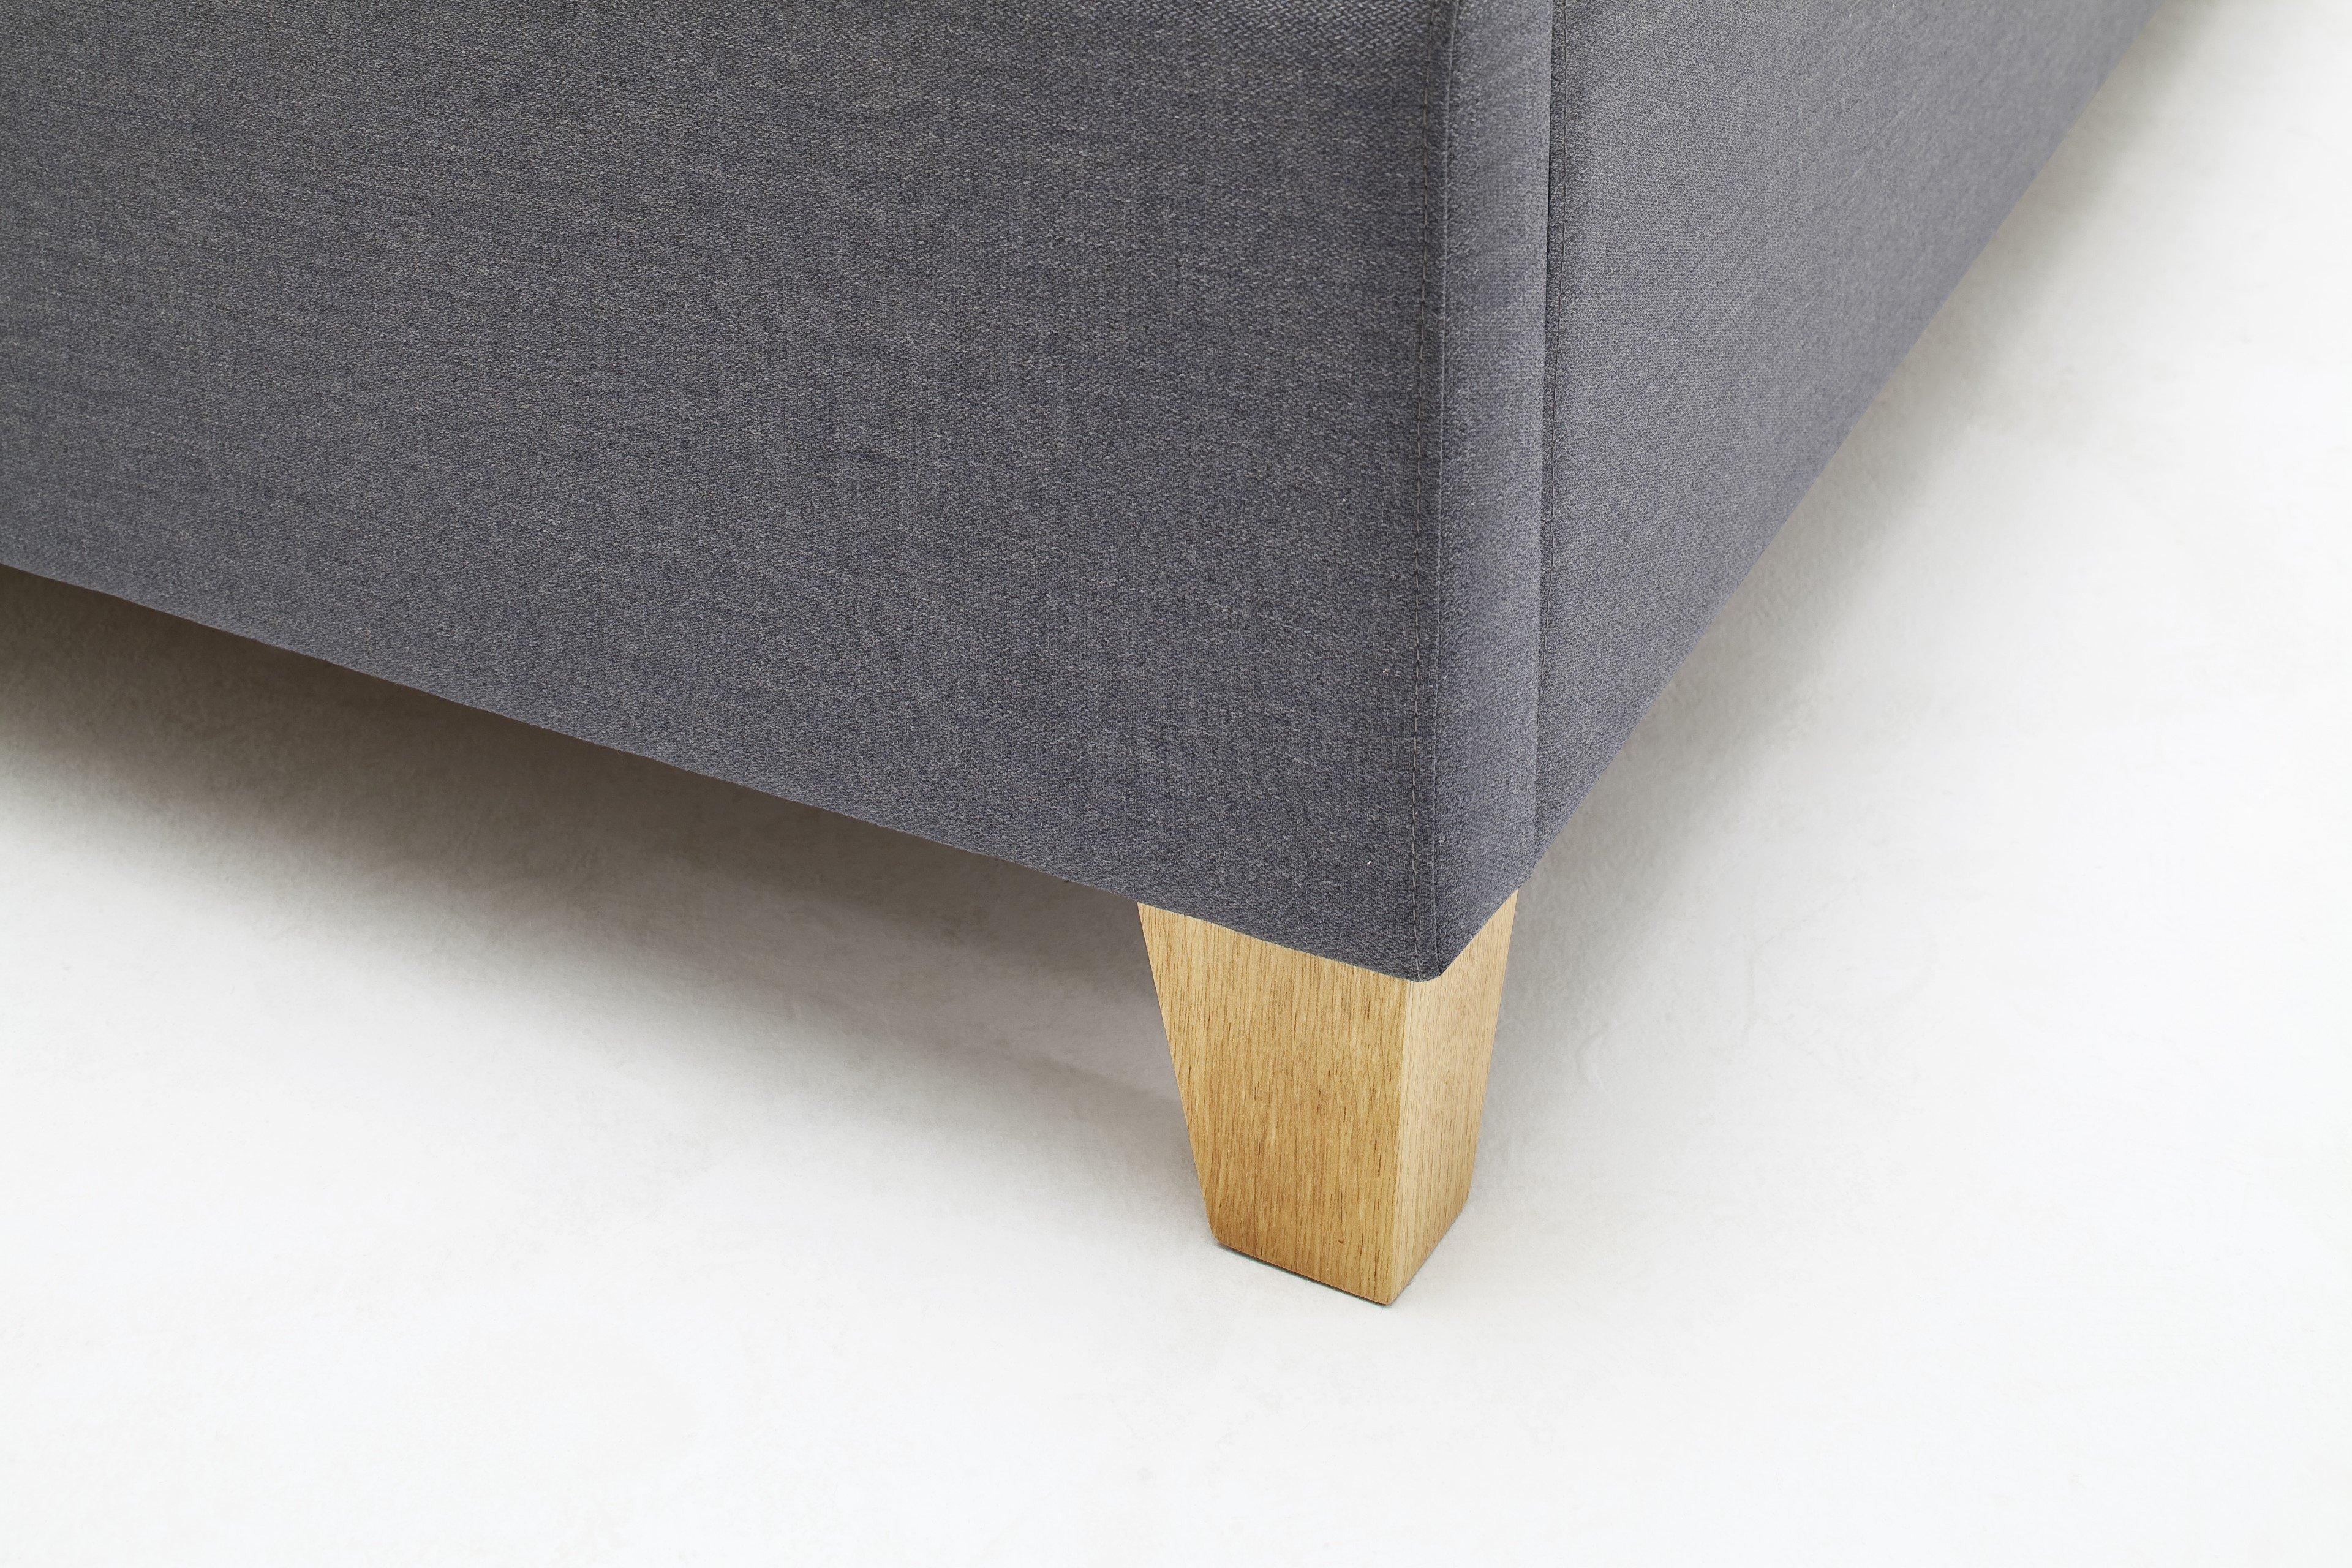 meise polsterbett lucca in grau mit eichefarbigen. Black Bedroom Furniture Sets. Home Design Ideas